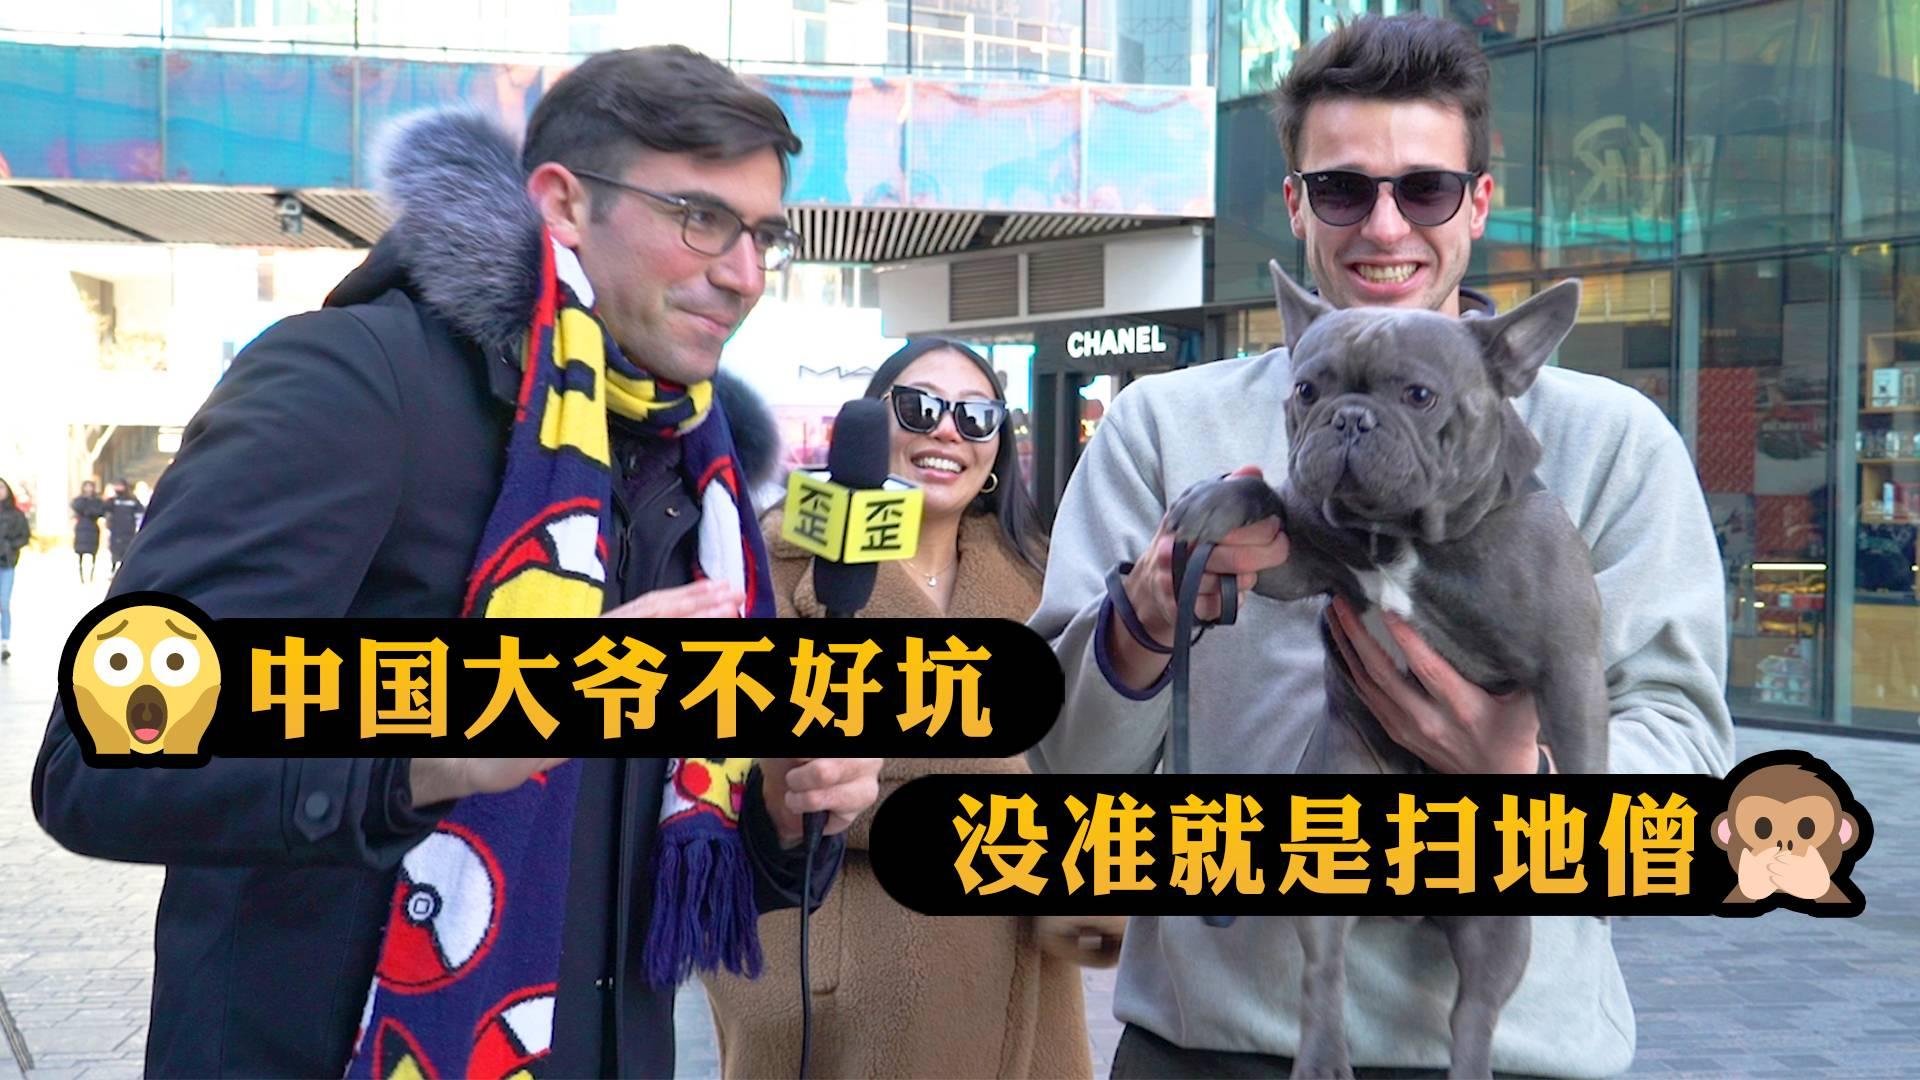 为什么外国人一提到中国就想到中国功夫?